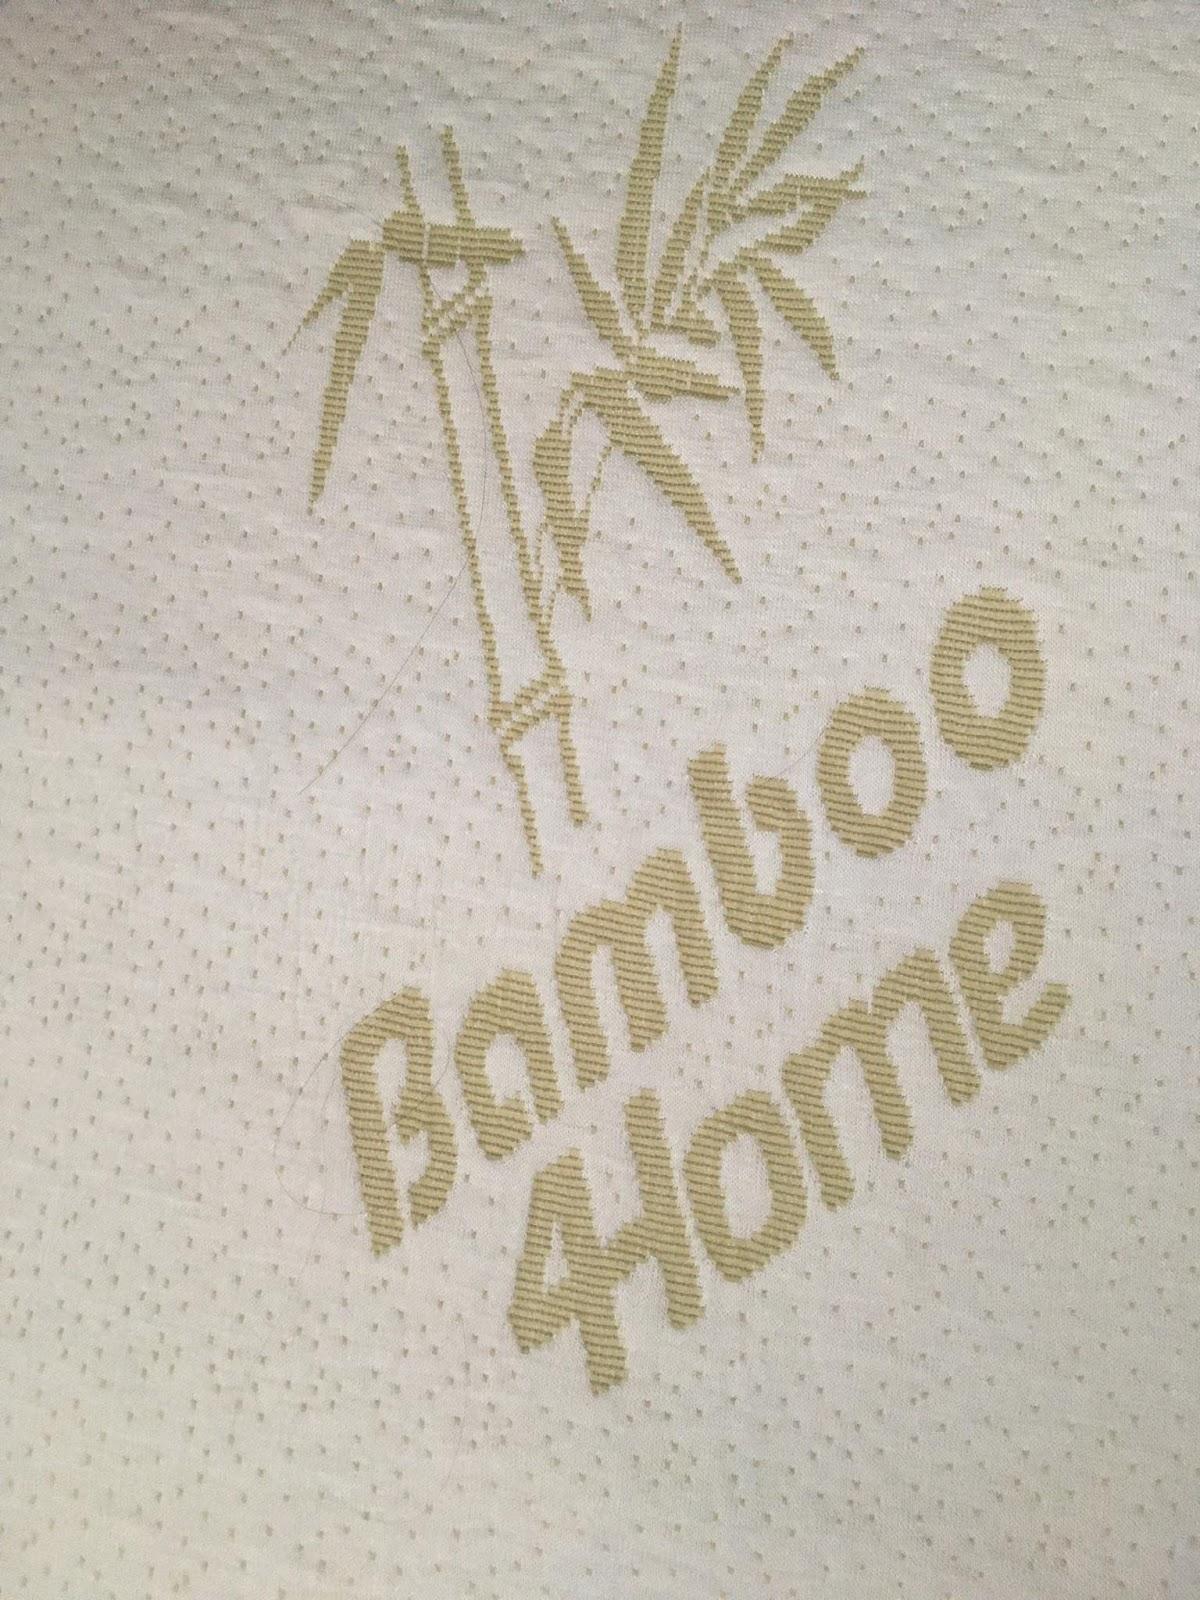 recenze 4Home: bambusová matracová podložka Bamboo